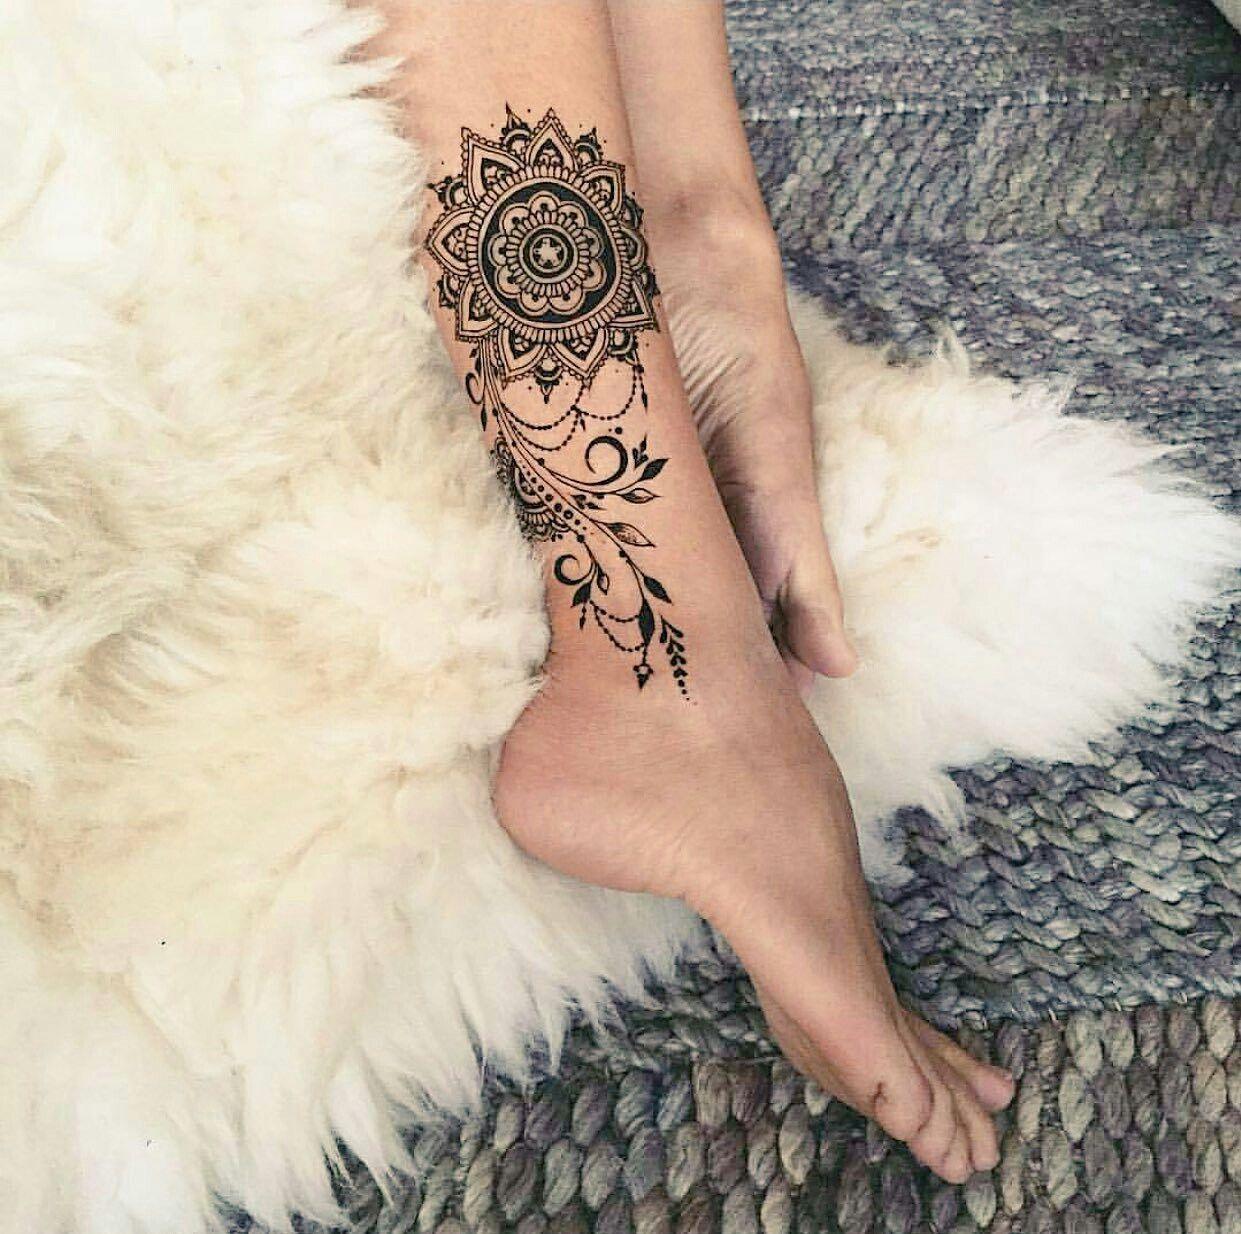 Pin Oleh Auxi Rojas Di Beauty Tato Mandala Tato Henna Desain Henna